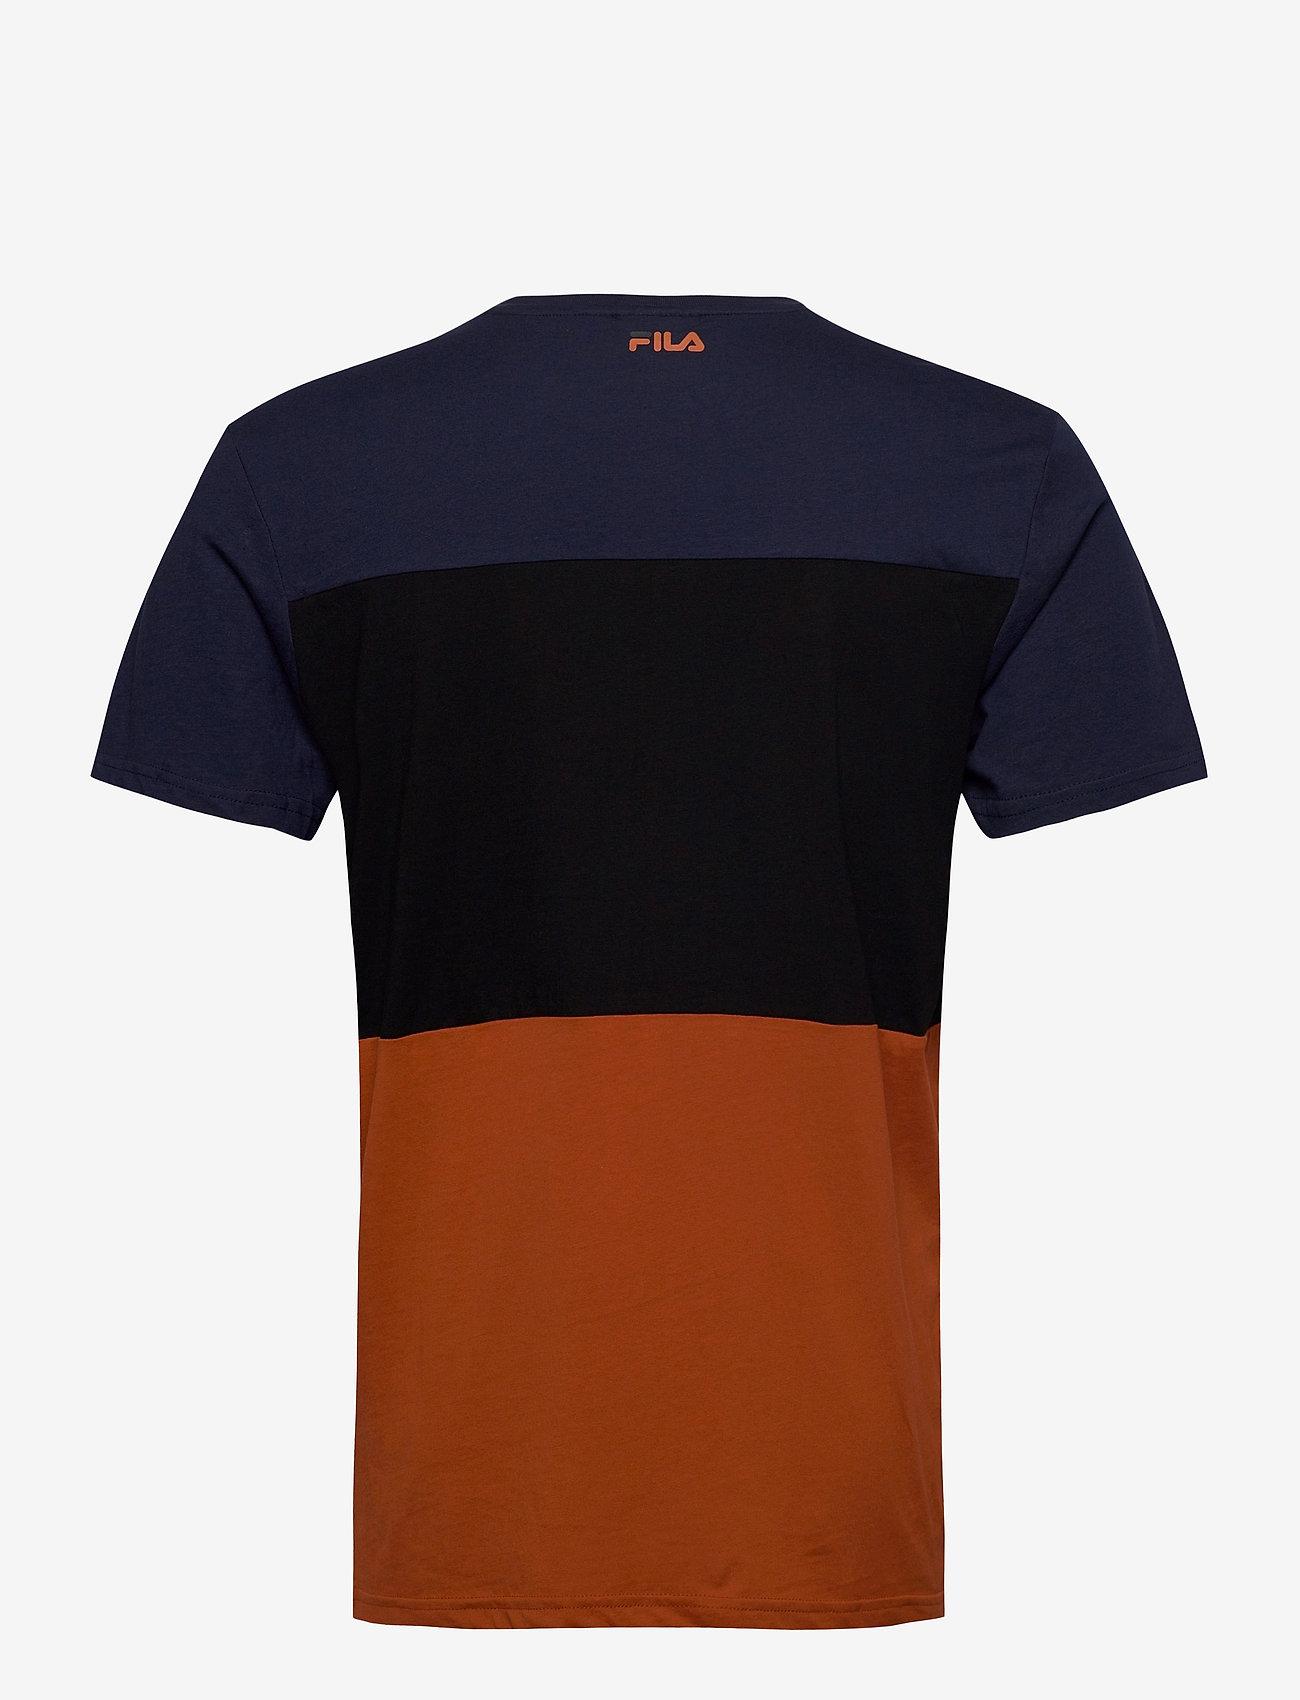 FILA DAY TEE - T-skjorter CINNAMON STICK-BLACK IRIS-BLACK - Menn Klær